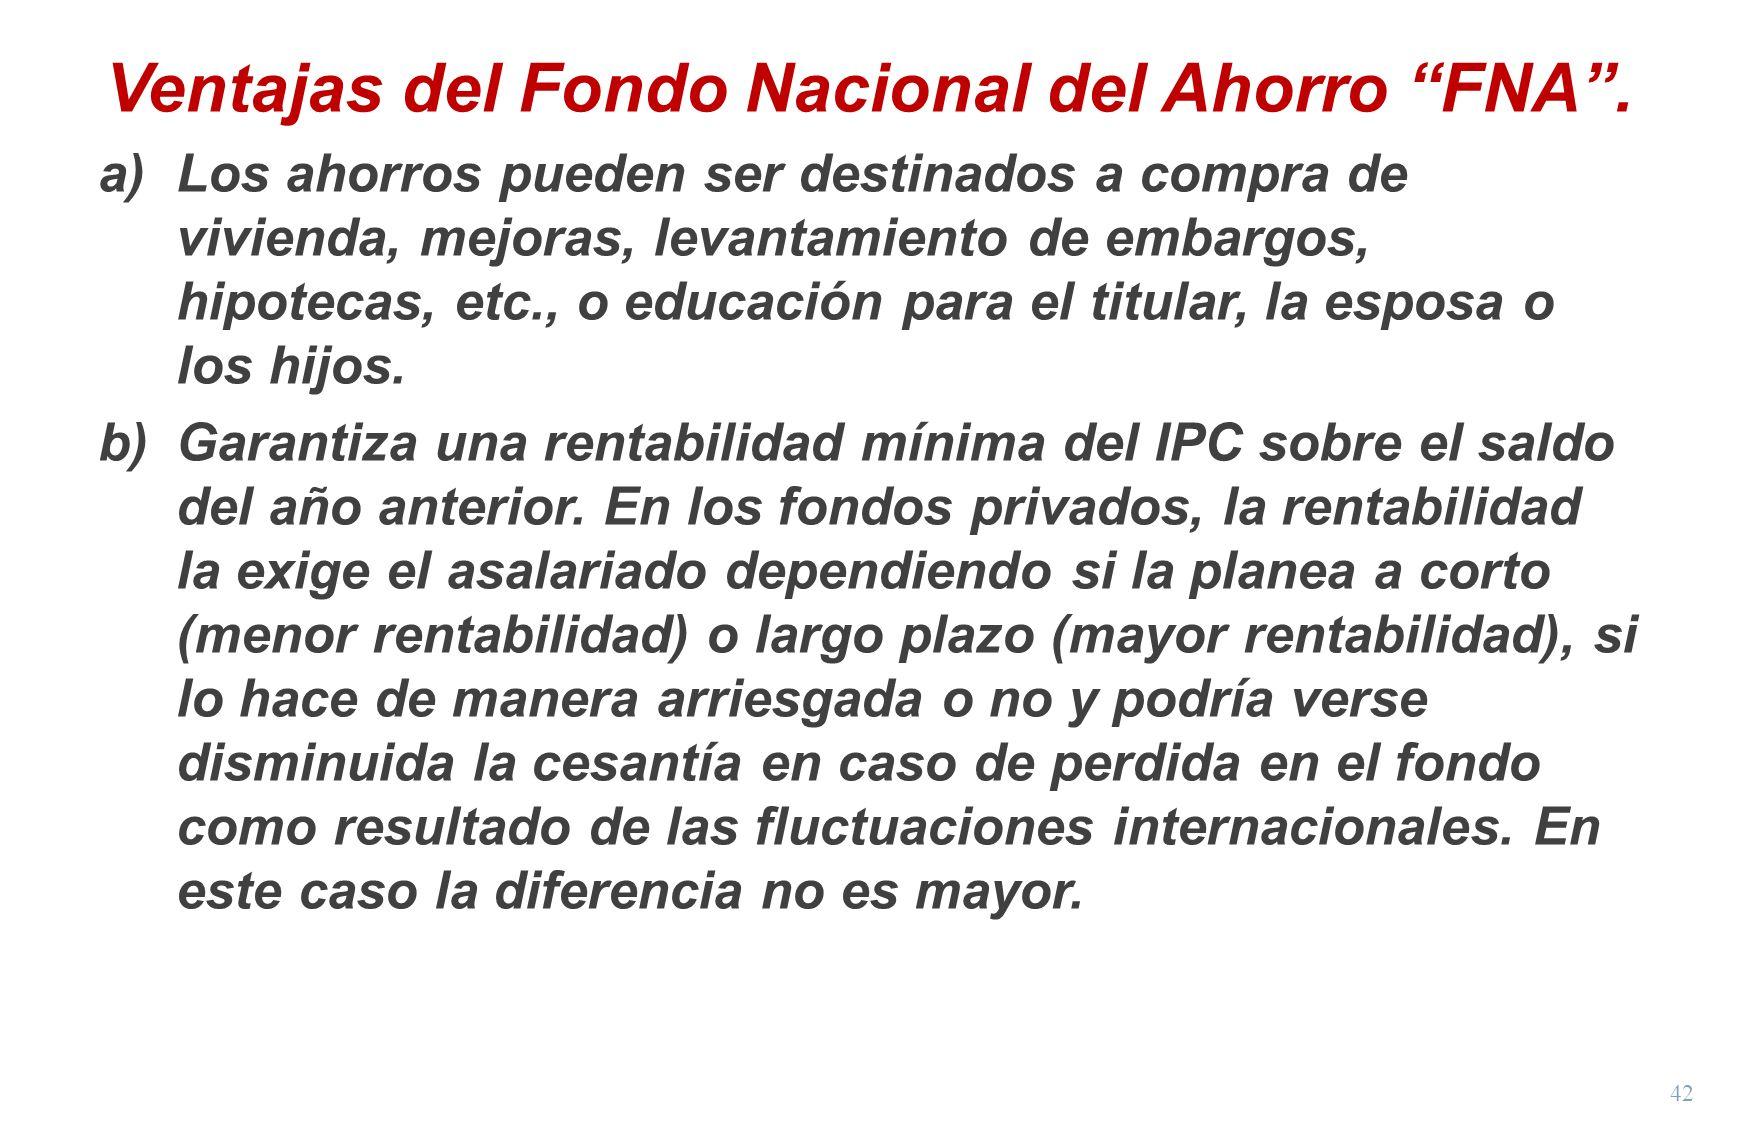 42 Ventajas del Fondo Nacional del Ahorro FNA. a)Los ahorros pueden ser destinados a compra de vivienda, mejoras, levantamiento de embargos, hipotecas